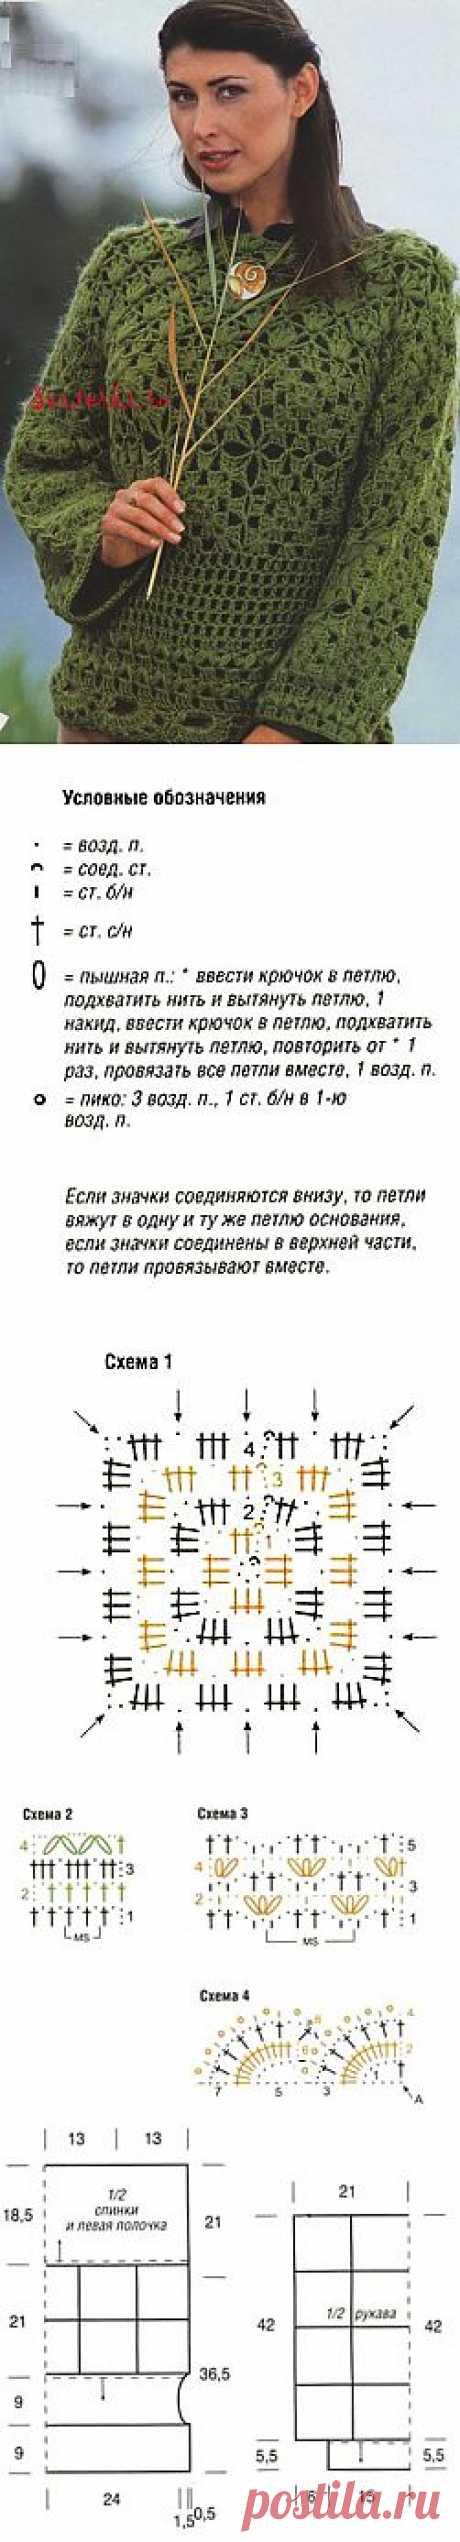 Схема вязания крючком свитера